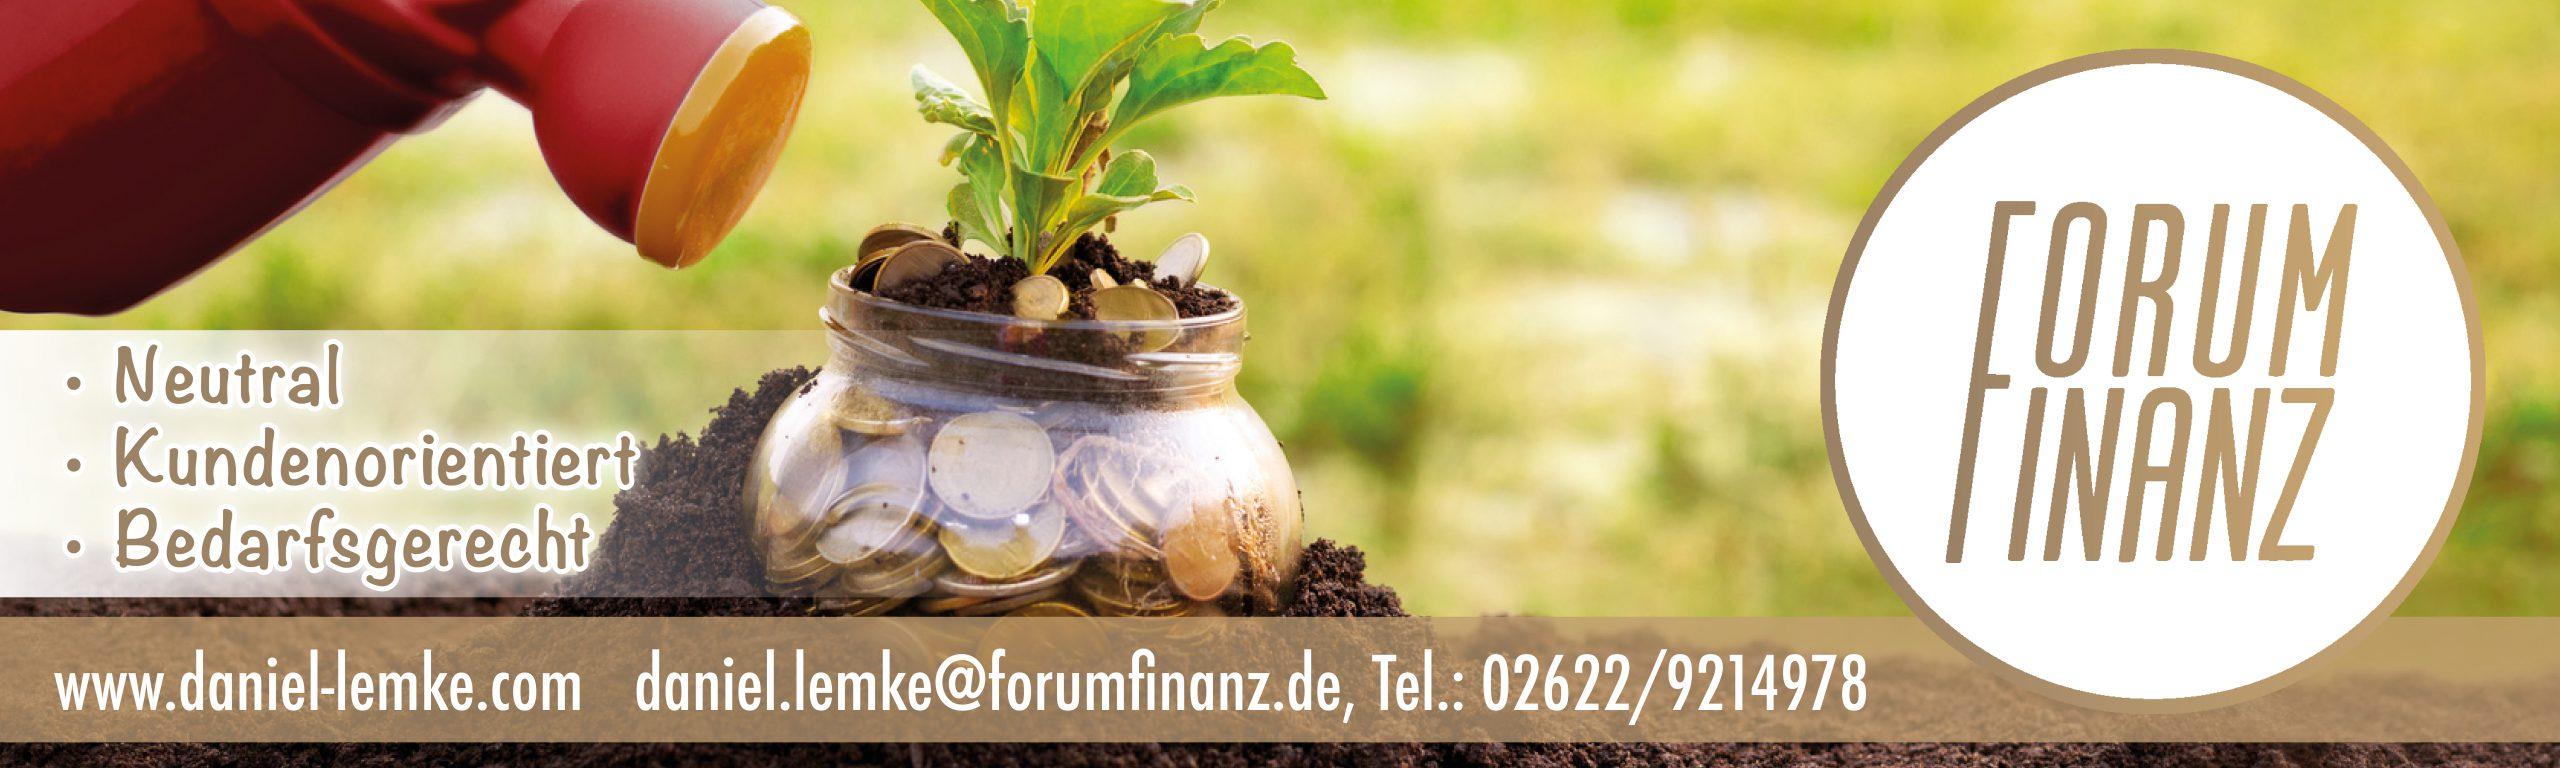 Forum_Finanz